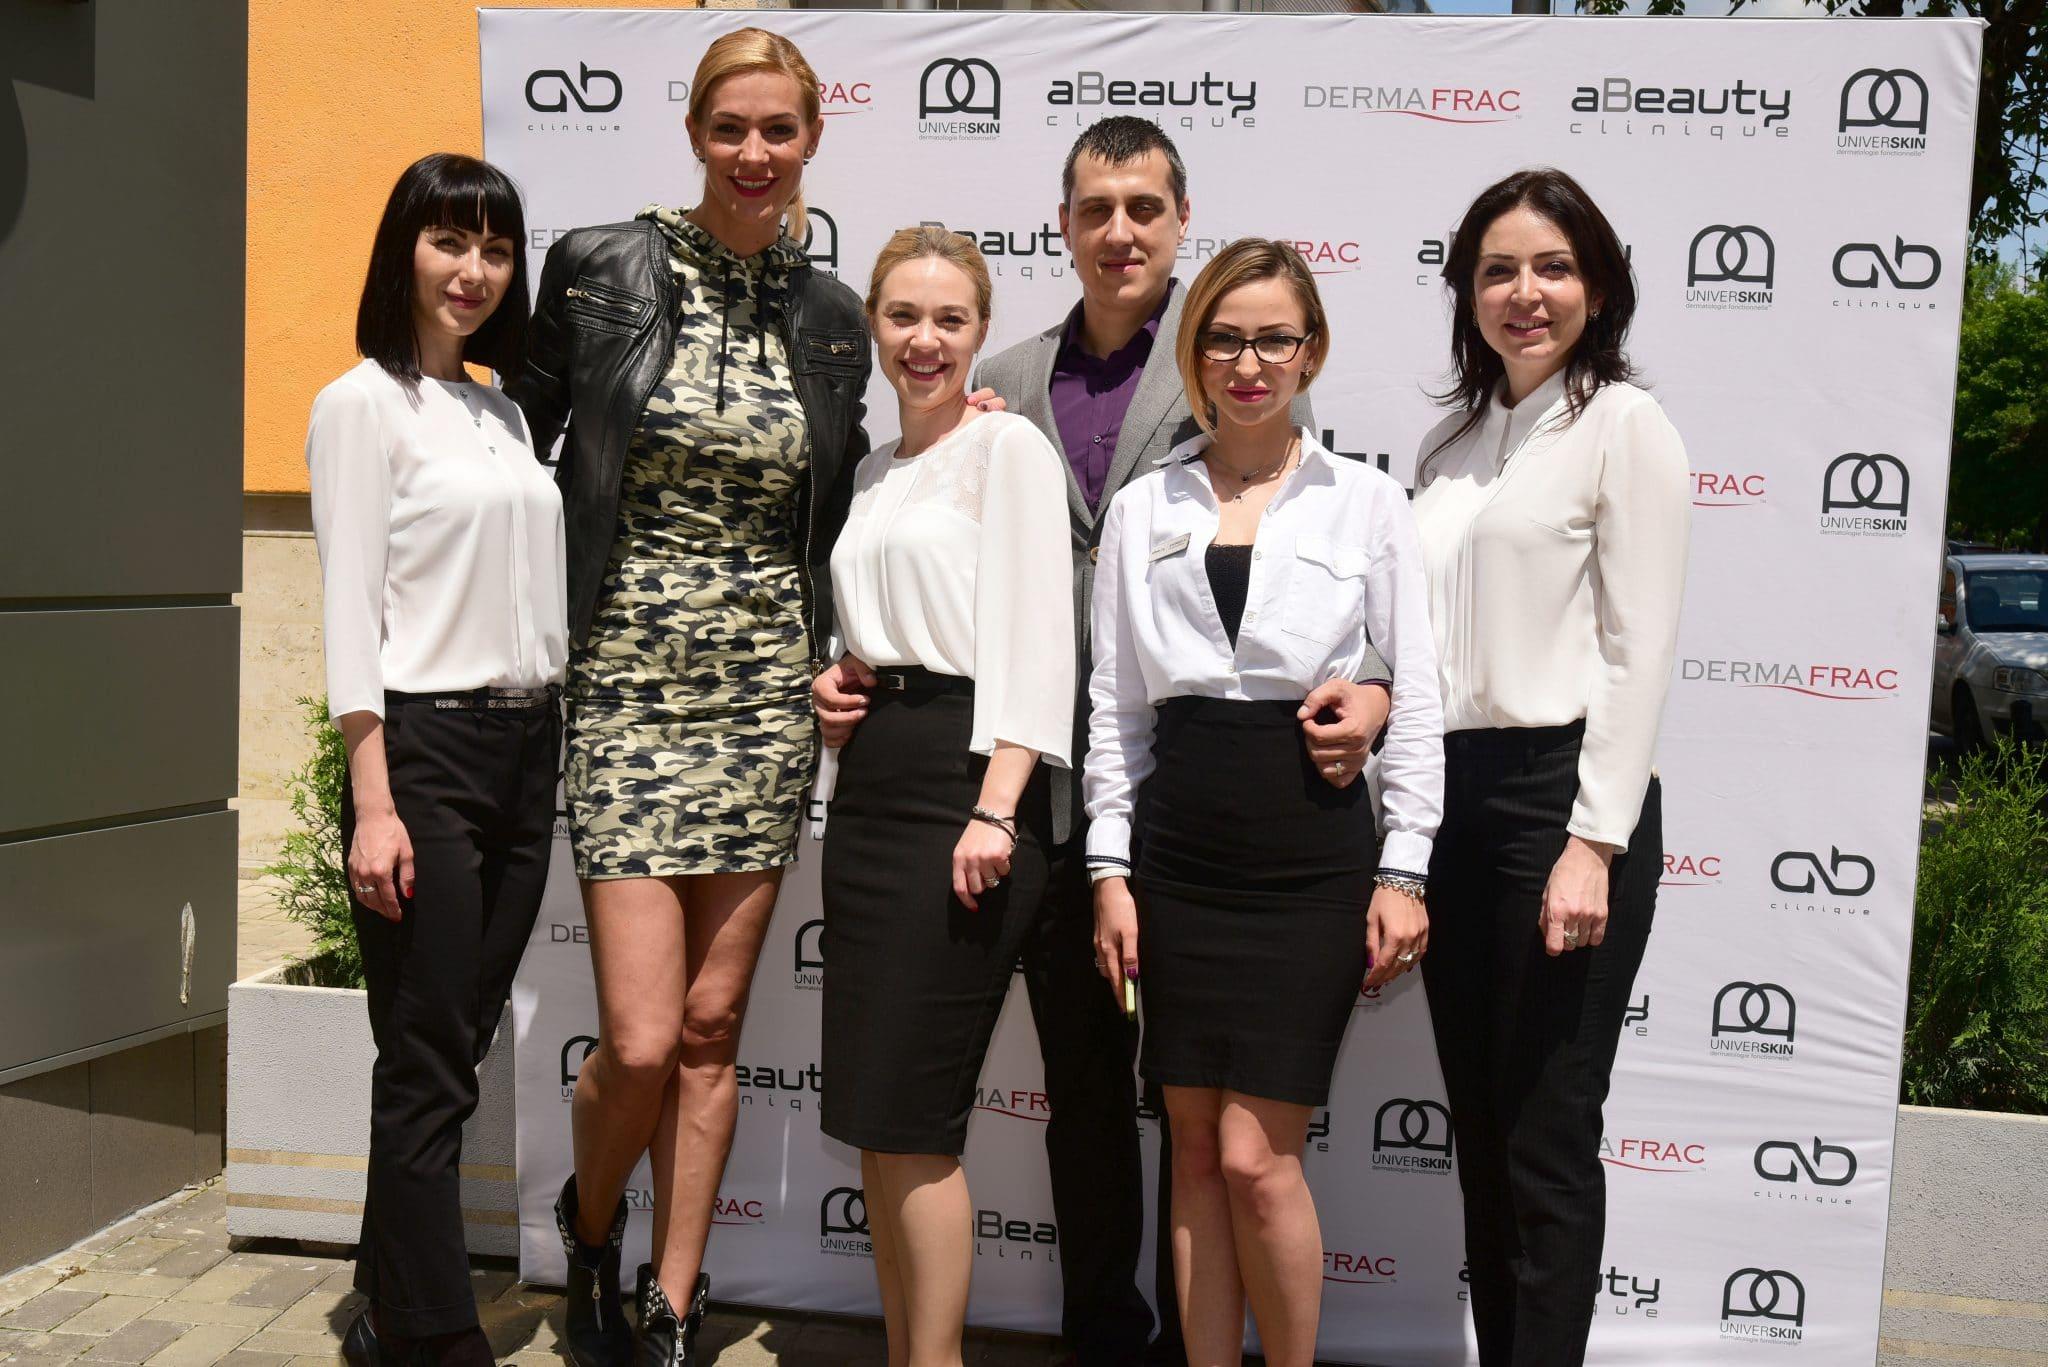 Lansare DermaFrac în România și UniverSkin în clinicile aBeauty